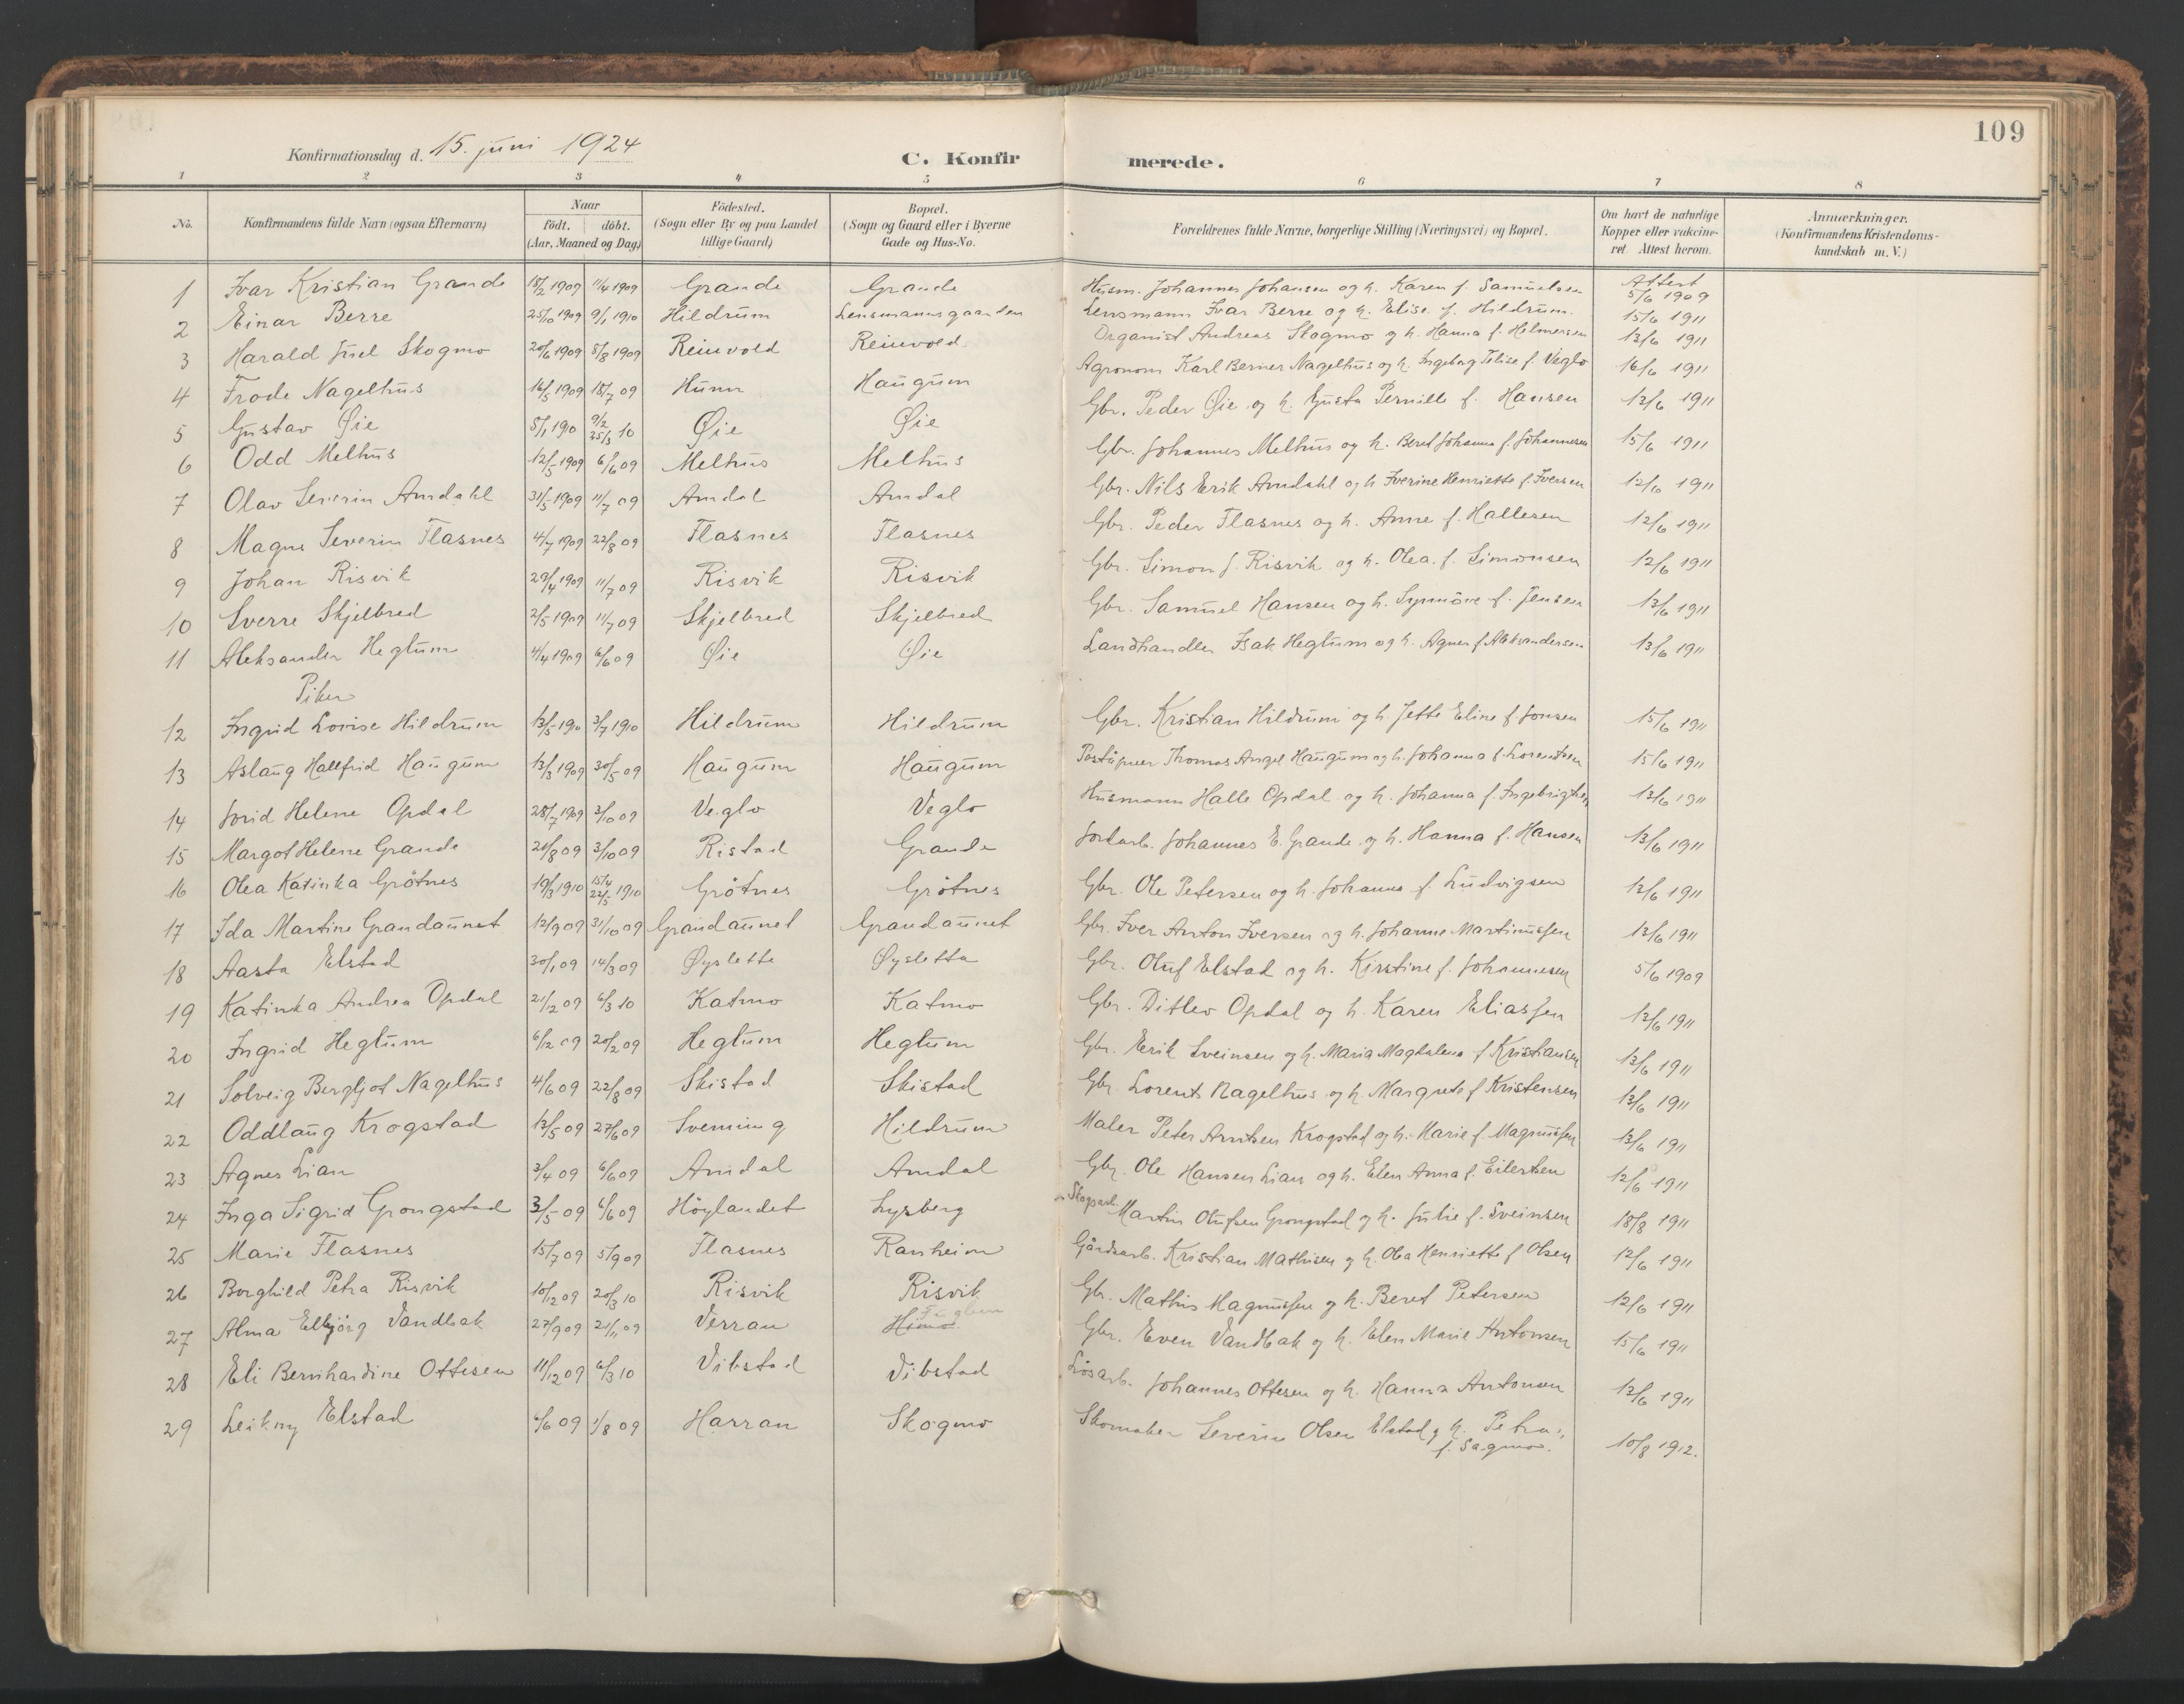 SAT, Ministerialprotokoller, klokkerbøker og fødselsregistre - Nord-Trøndelag, 764/L0556: Ministerialbok nr. 764A11, 1897-1924, s. 109